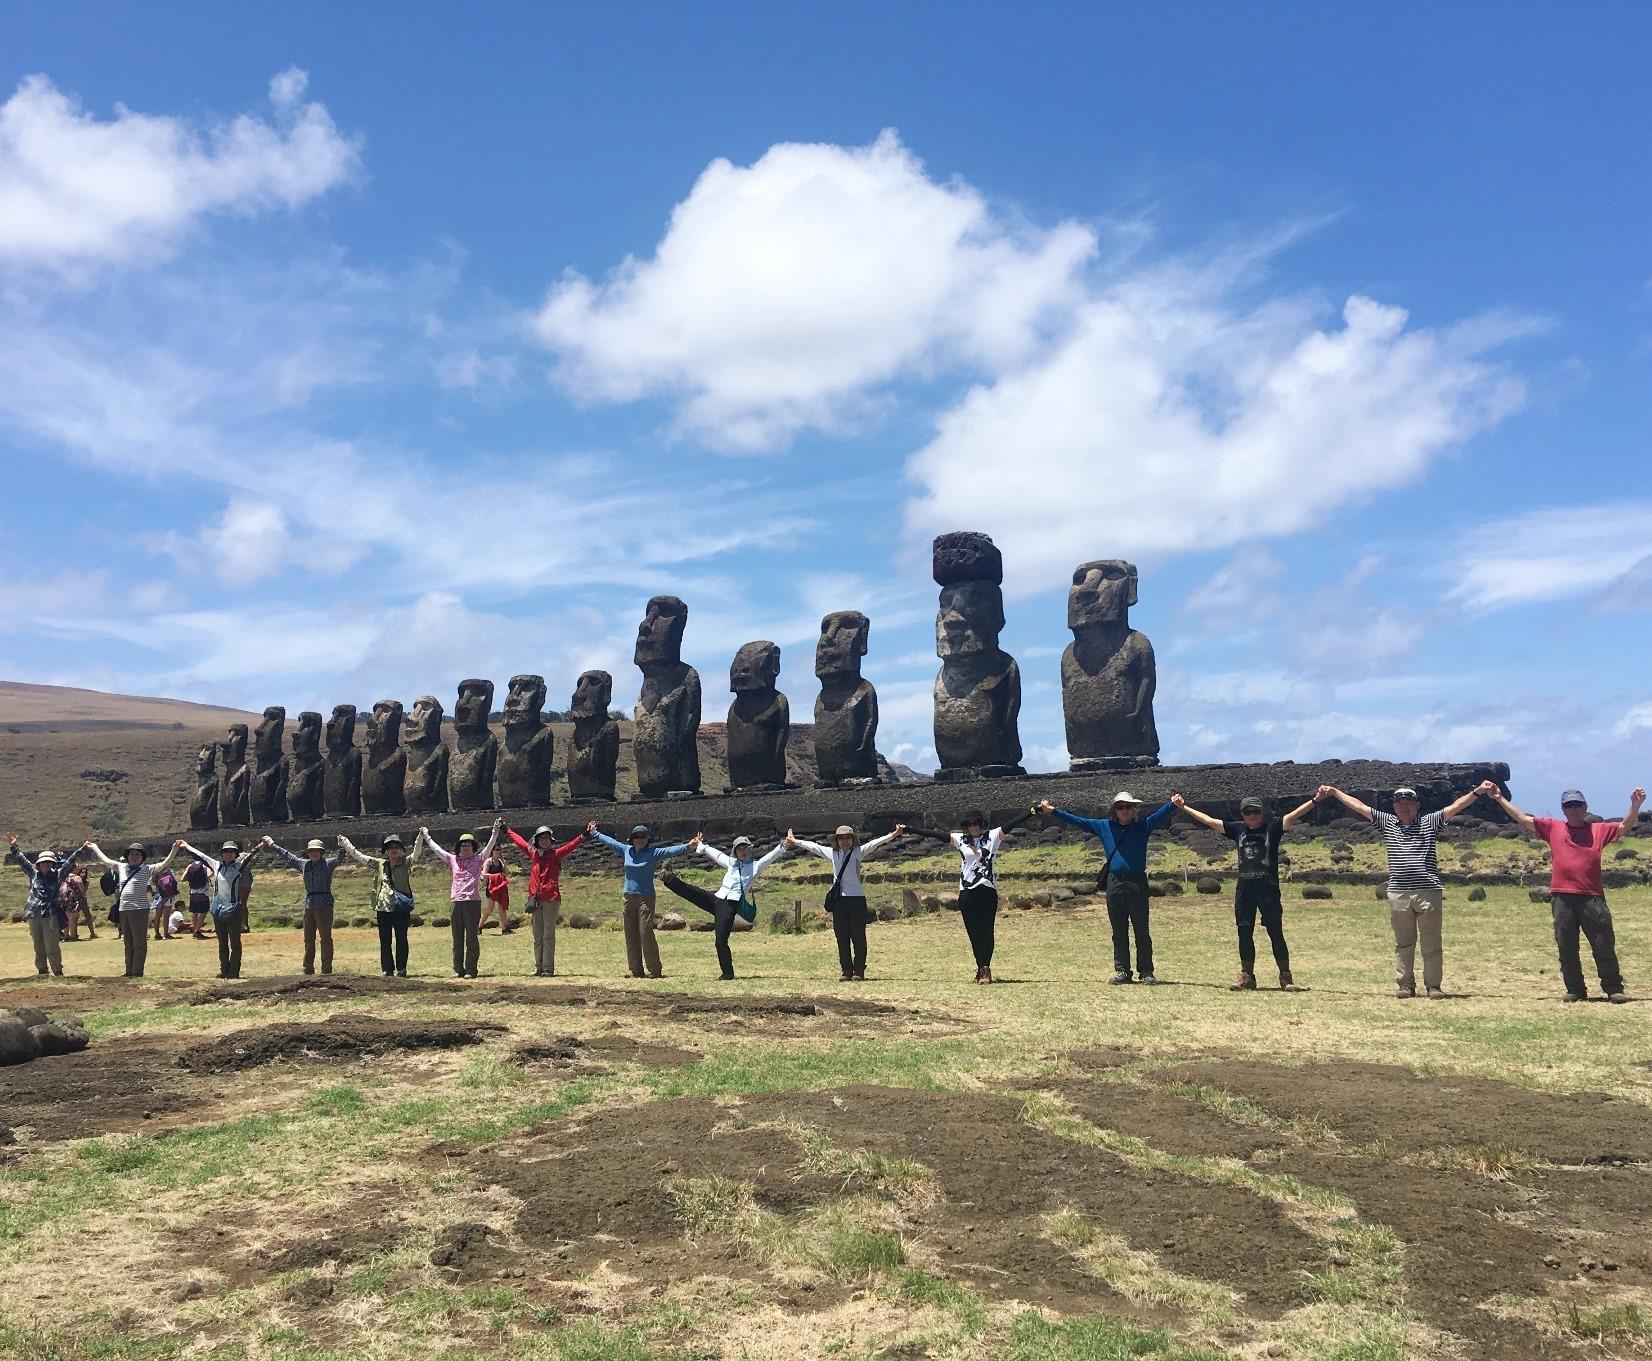 1月22日出発「南太平洋の楽園タヒチ・ハイキングと絶海の孤島イースター島 8日間」